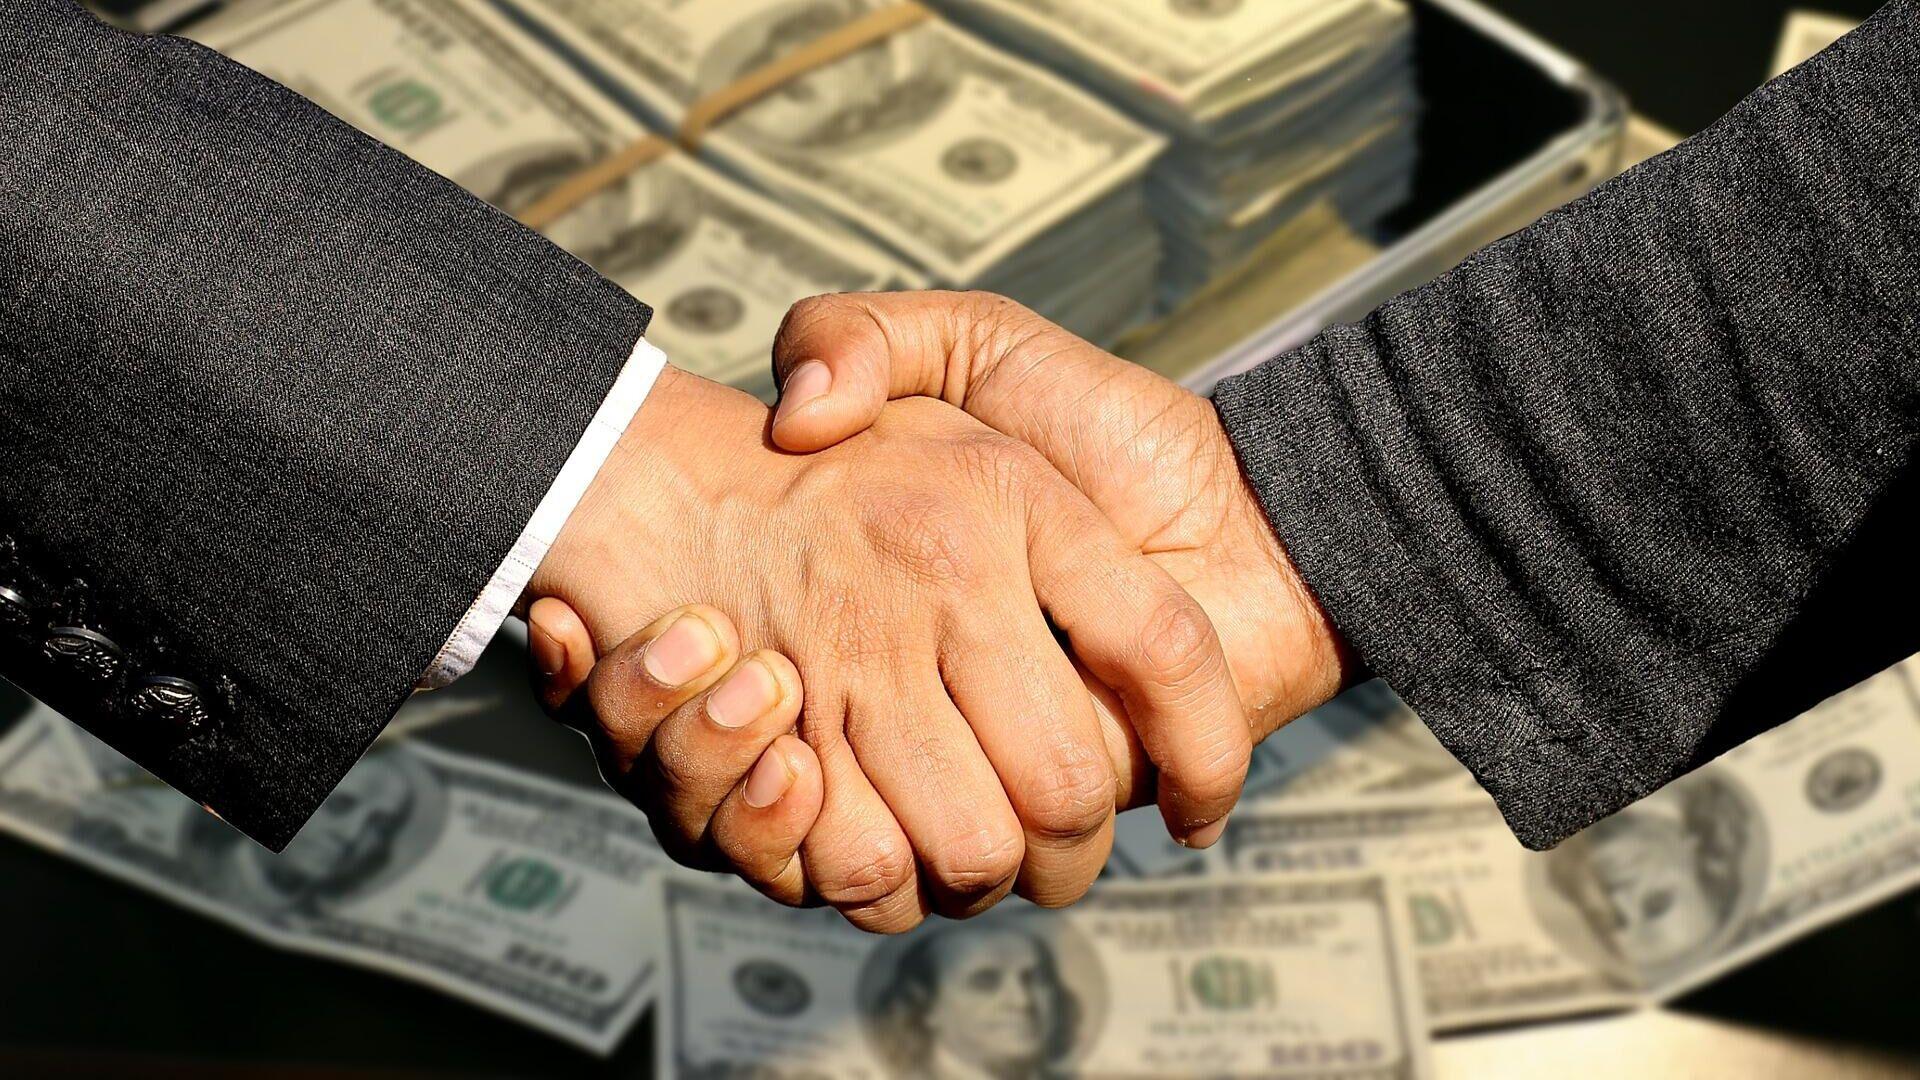 Бизнесмены пожимают друг другу руки - Sputnik Ўзбекистон, 1920, 16.09.2021